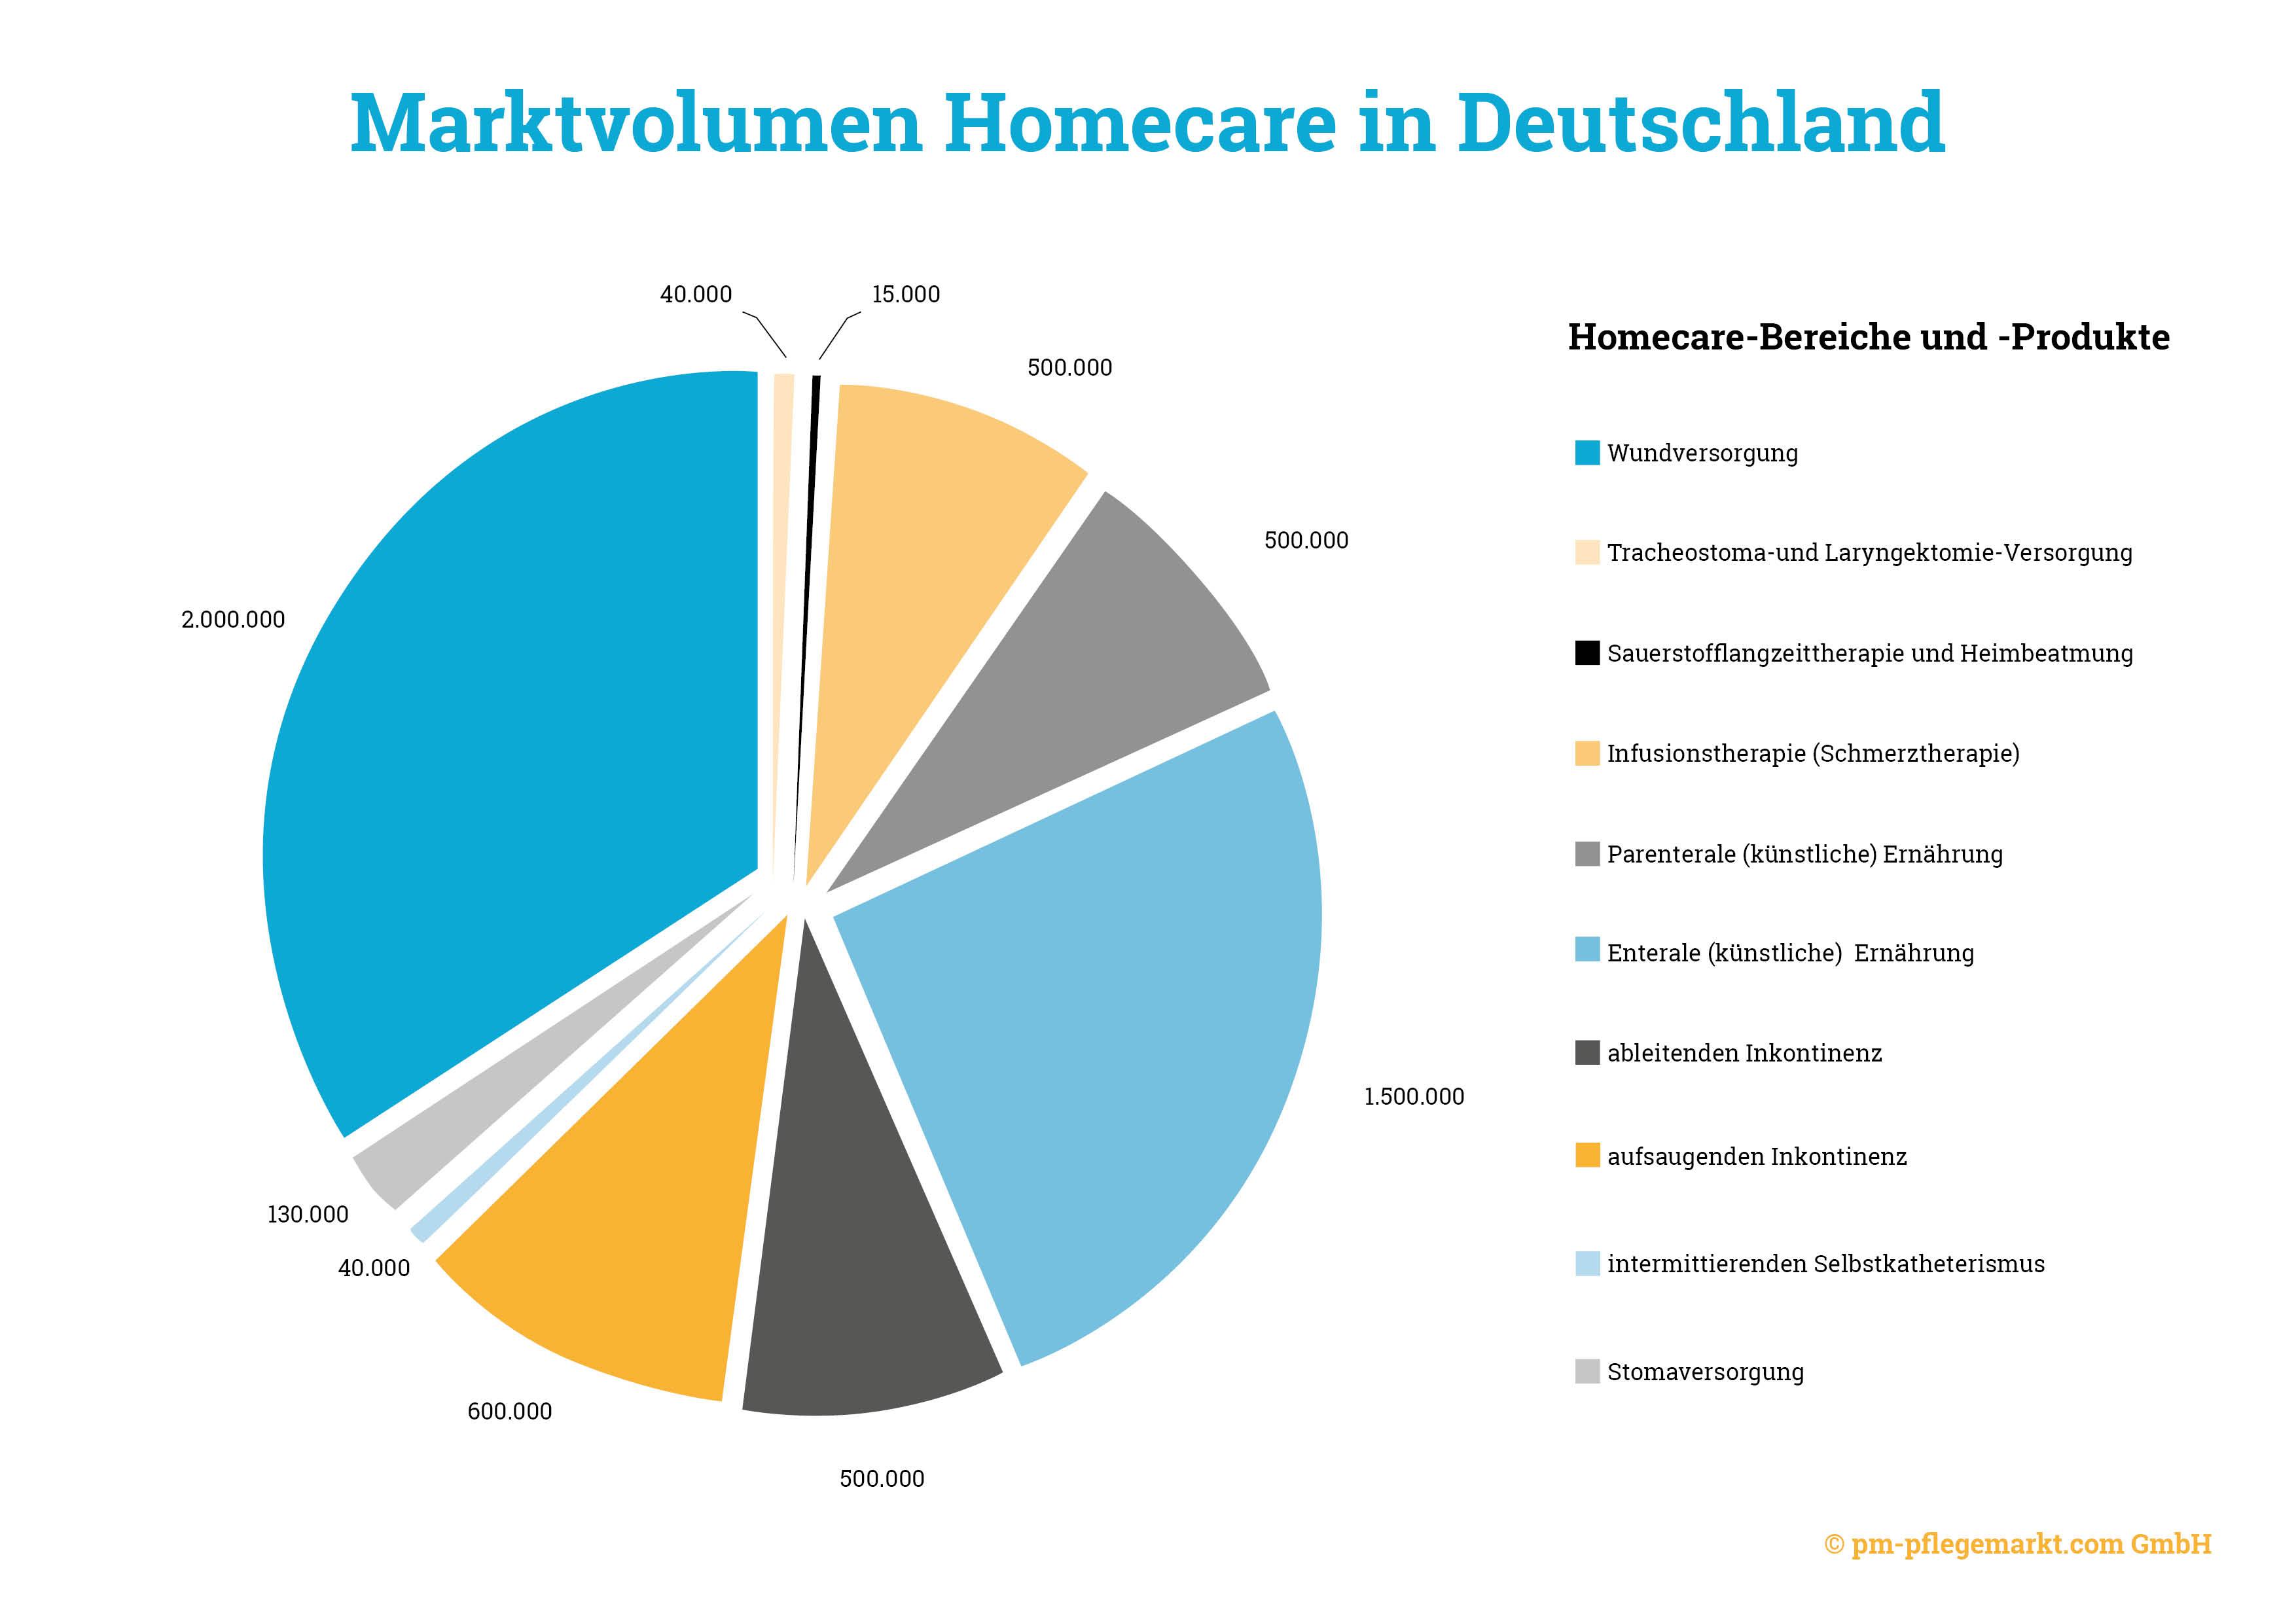 Marktvolumen Homecare in Deutschland